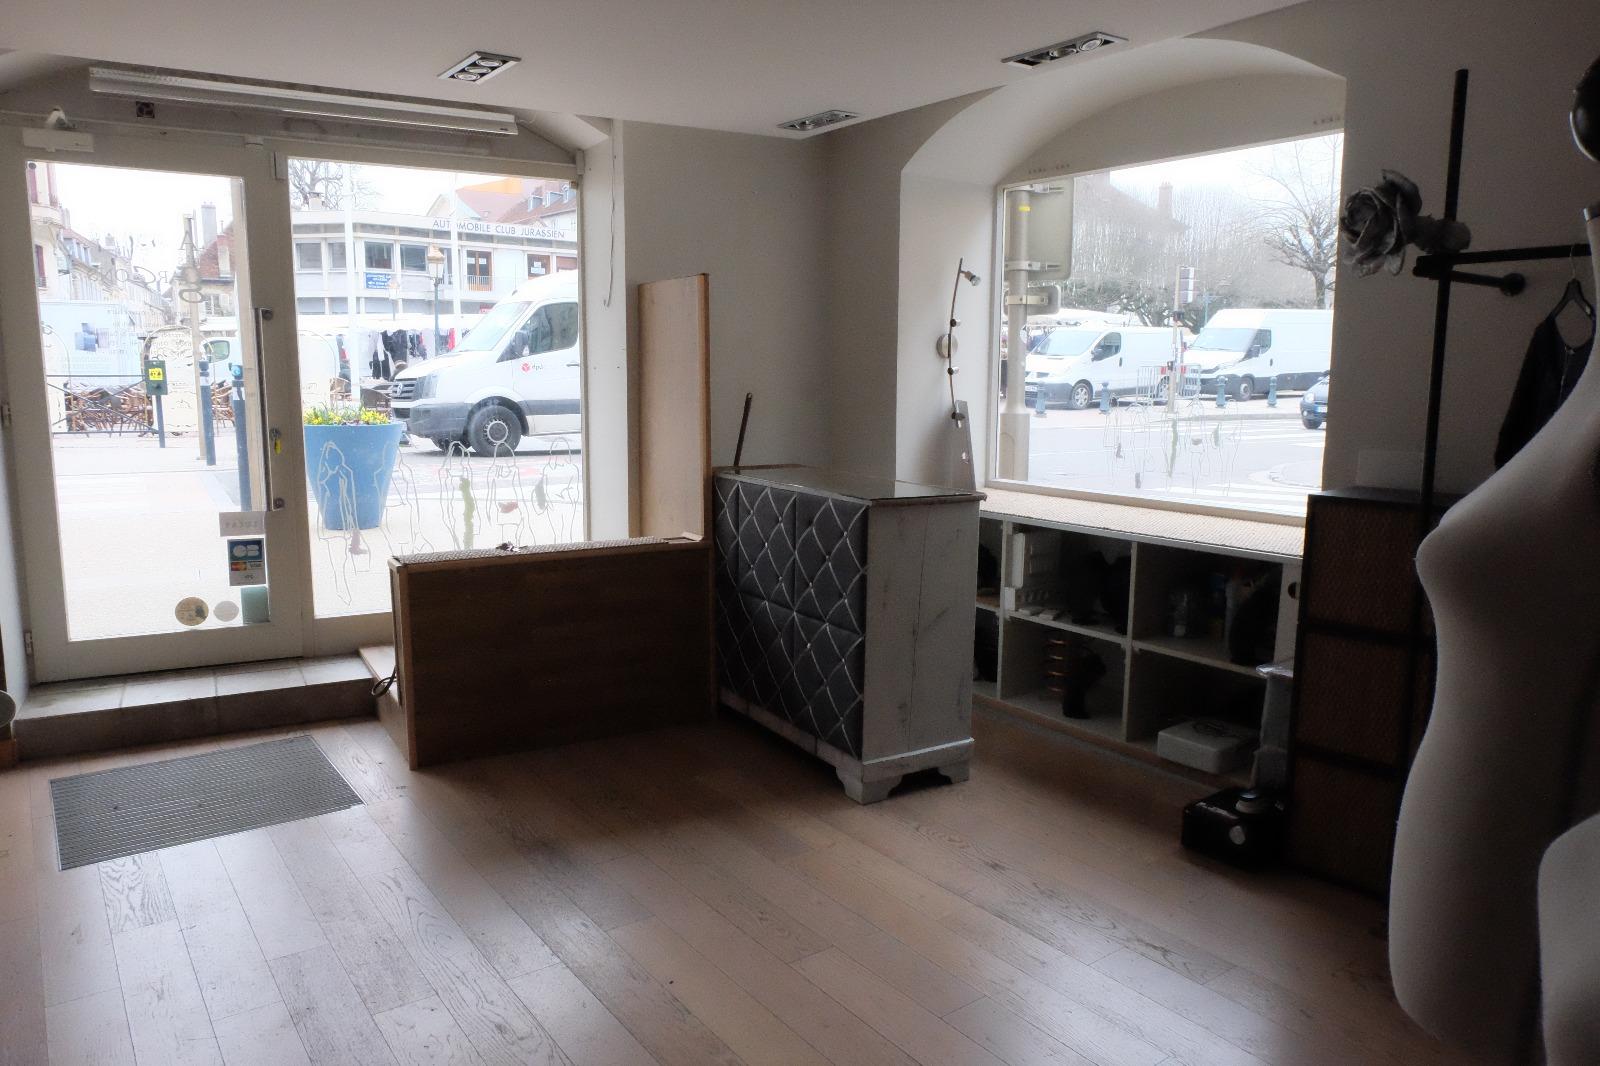 Lons le saunier 39 jura vendre fonds de commerce avec droit au bail 3d immobilier - Garage thevenod lons le saunier ...